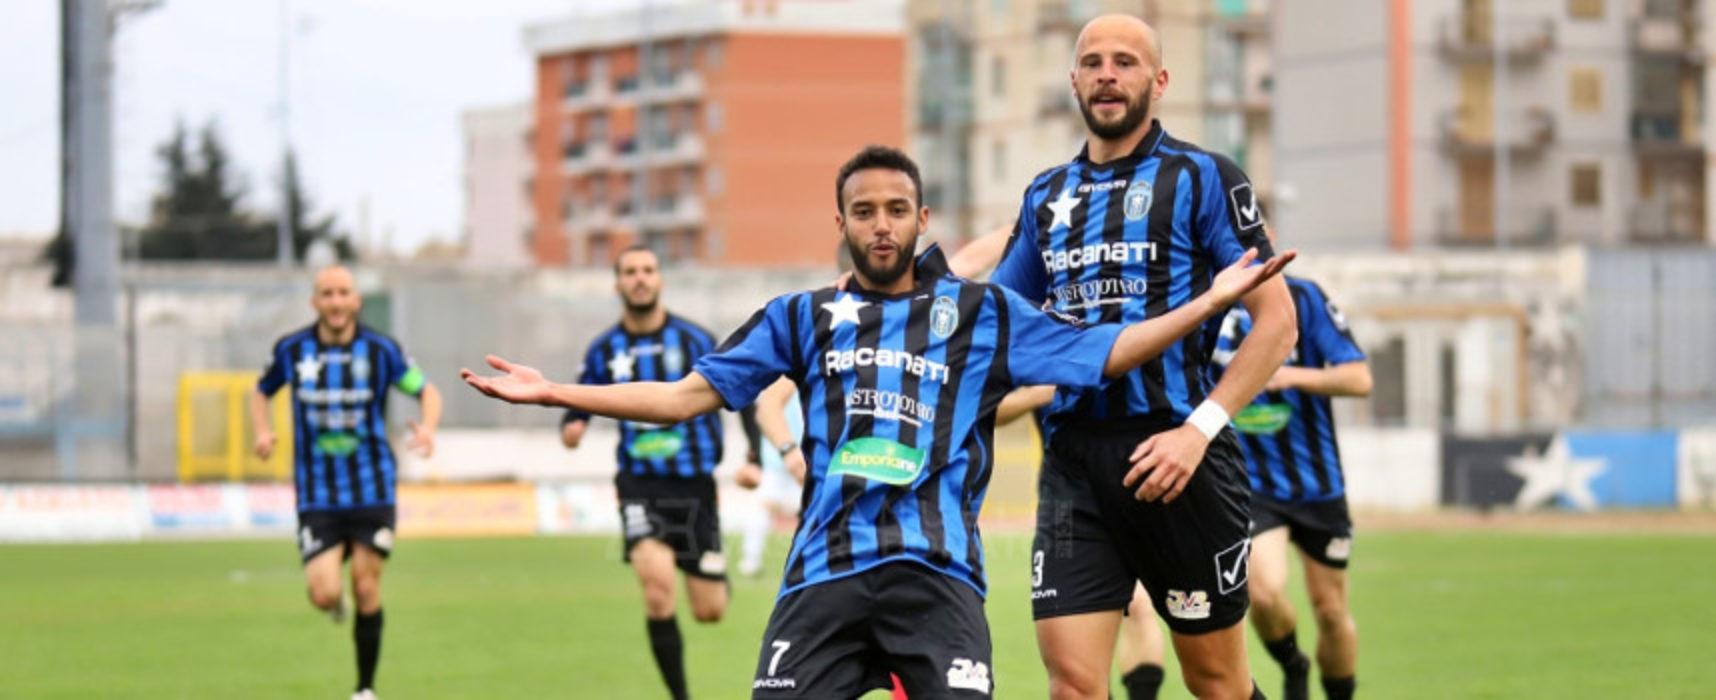 """Bisceglie Calcio, arriva la Vibonese, Mansour: """"Fare la gara perfetta"""""""